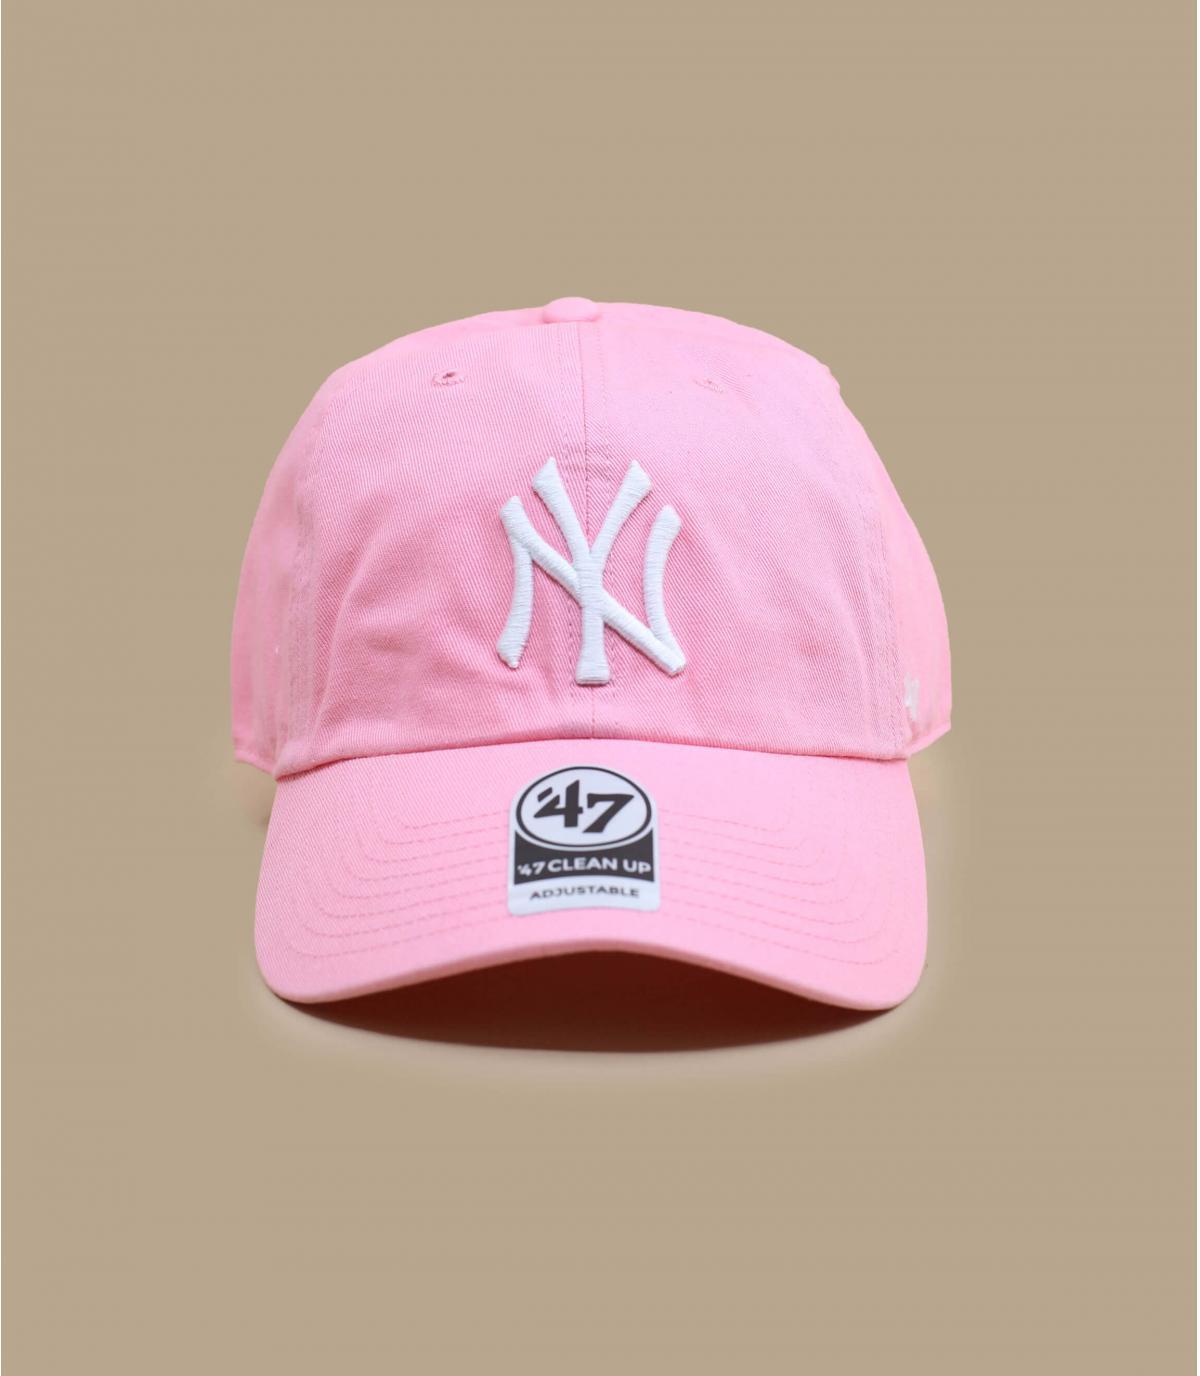 NY berretto rosa chiaro